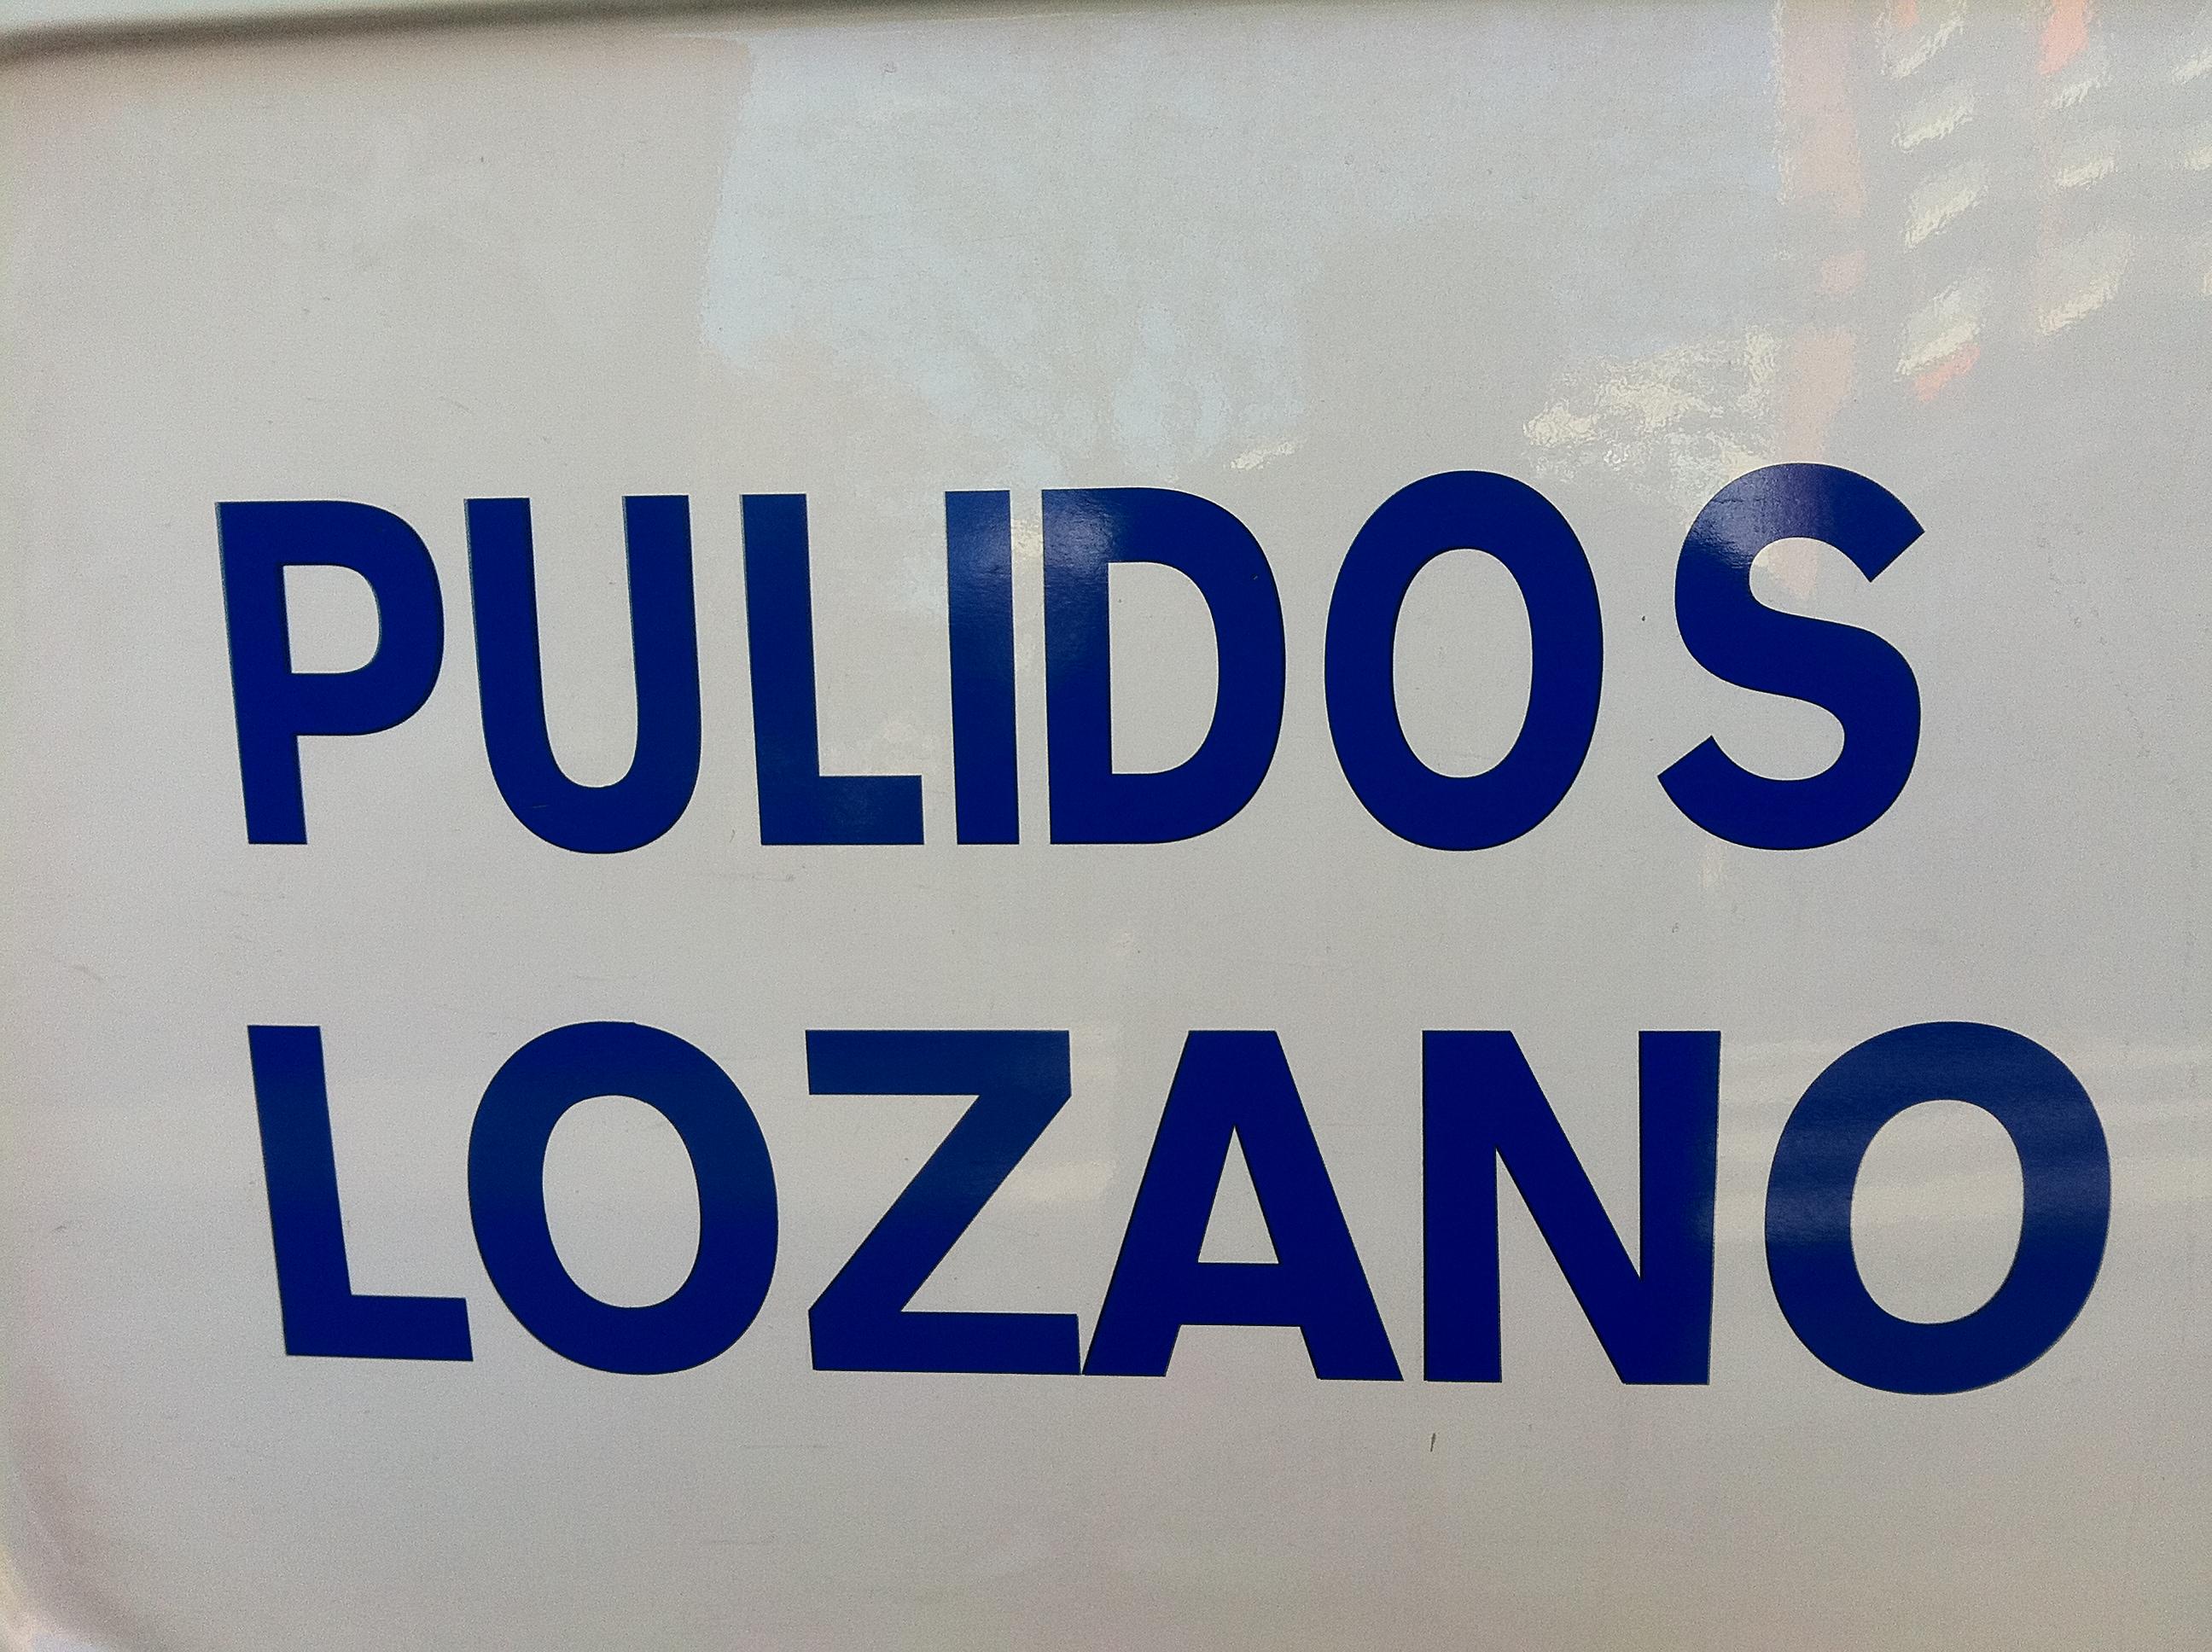 Pulidos Lozano